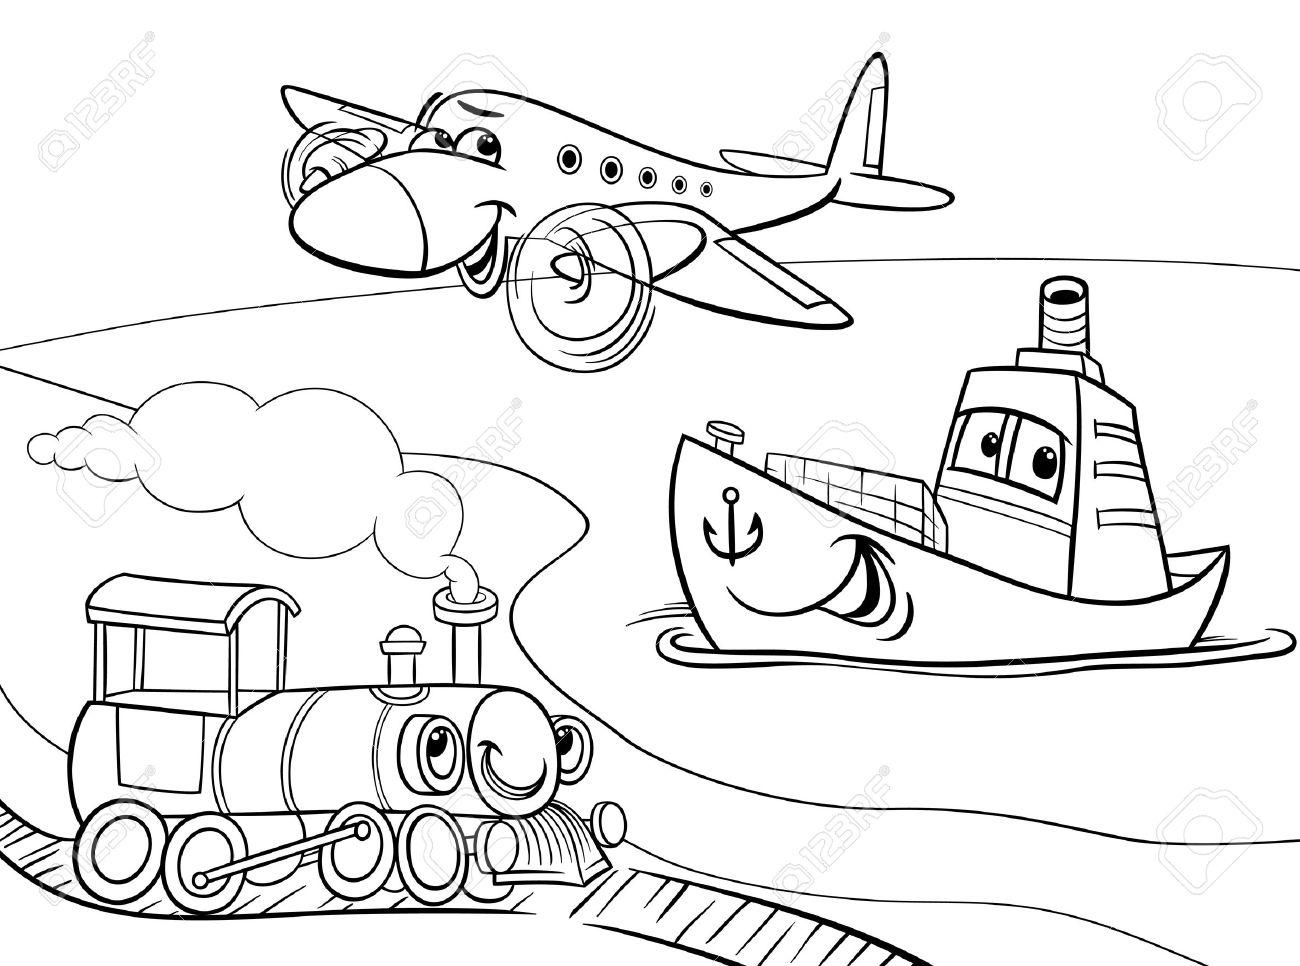 おかしい飛行機と鉄道船輸送コミック文字グループ塗り絵の黒と白の漫画